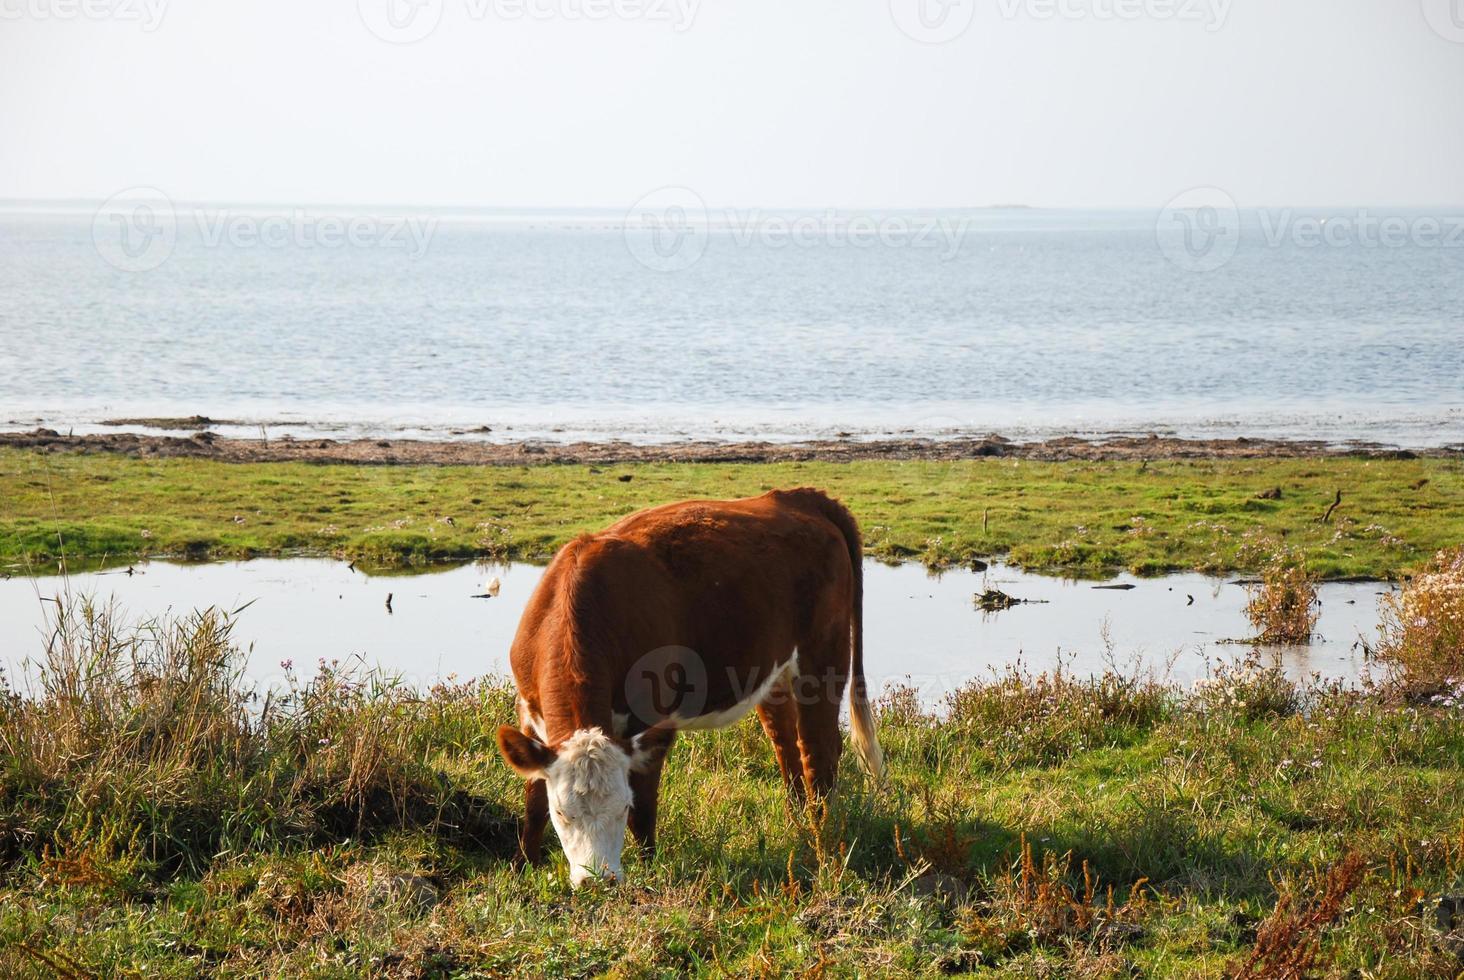 mucca al pascolo sulla costa foto